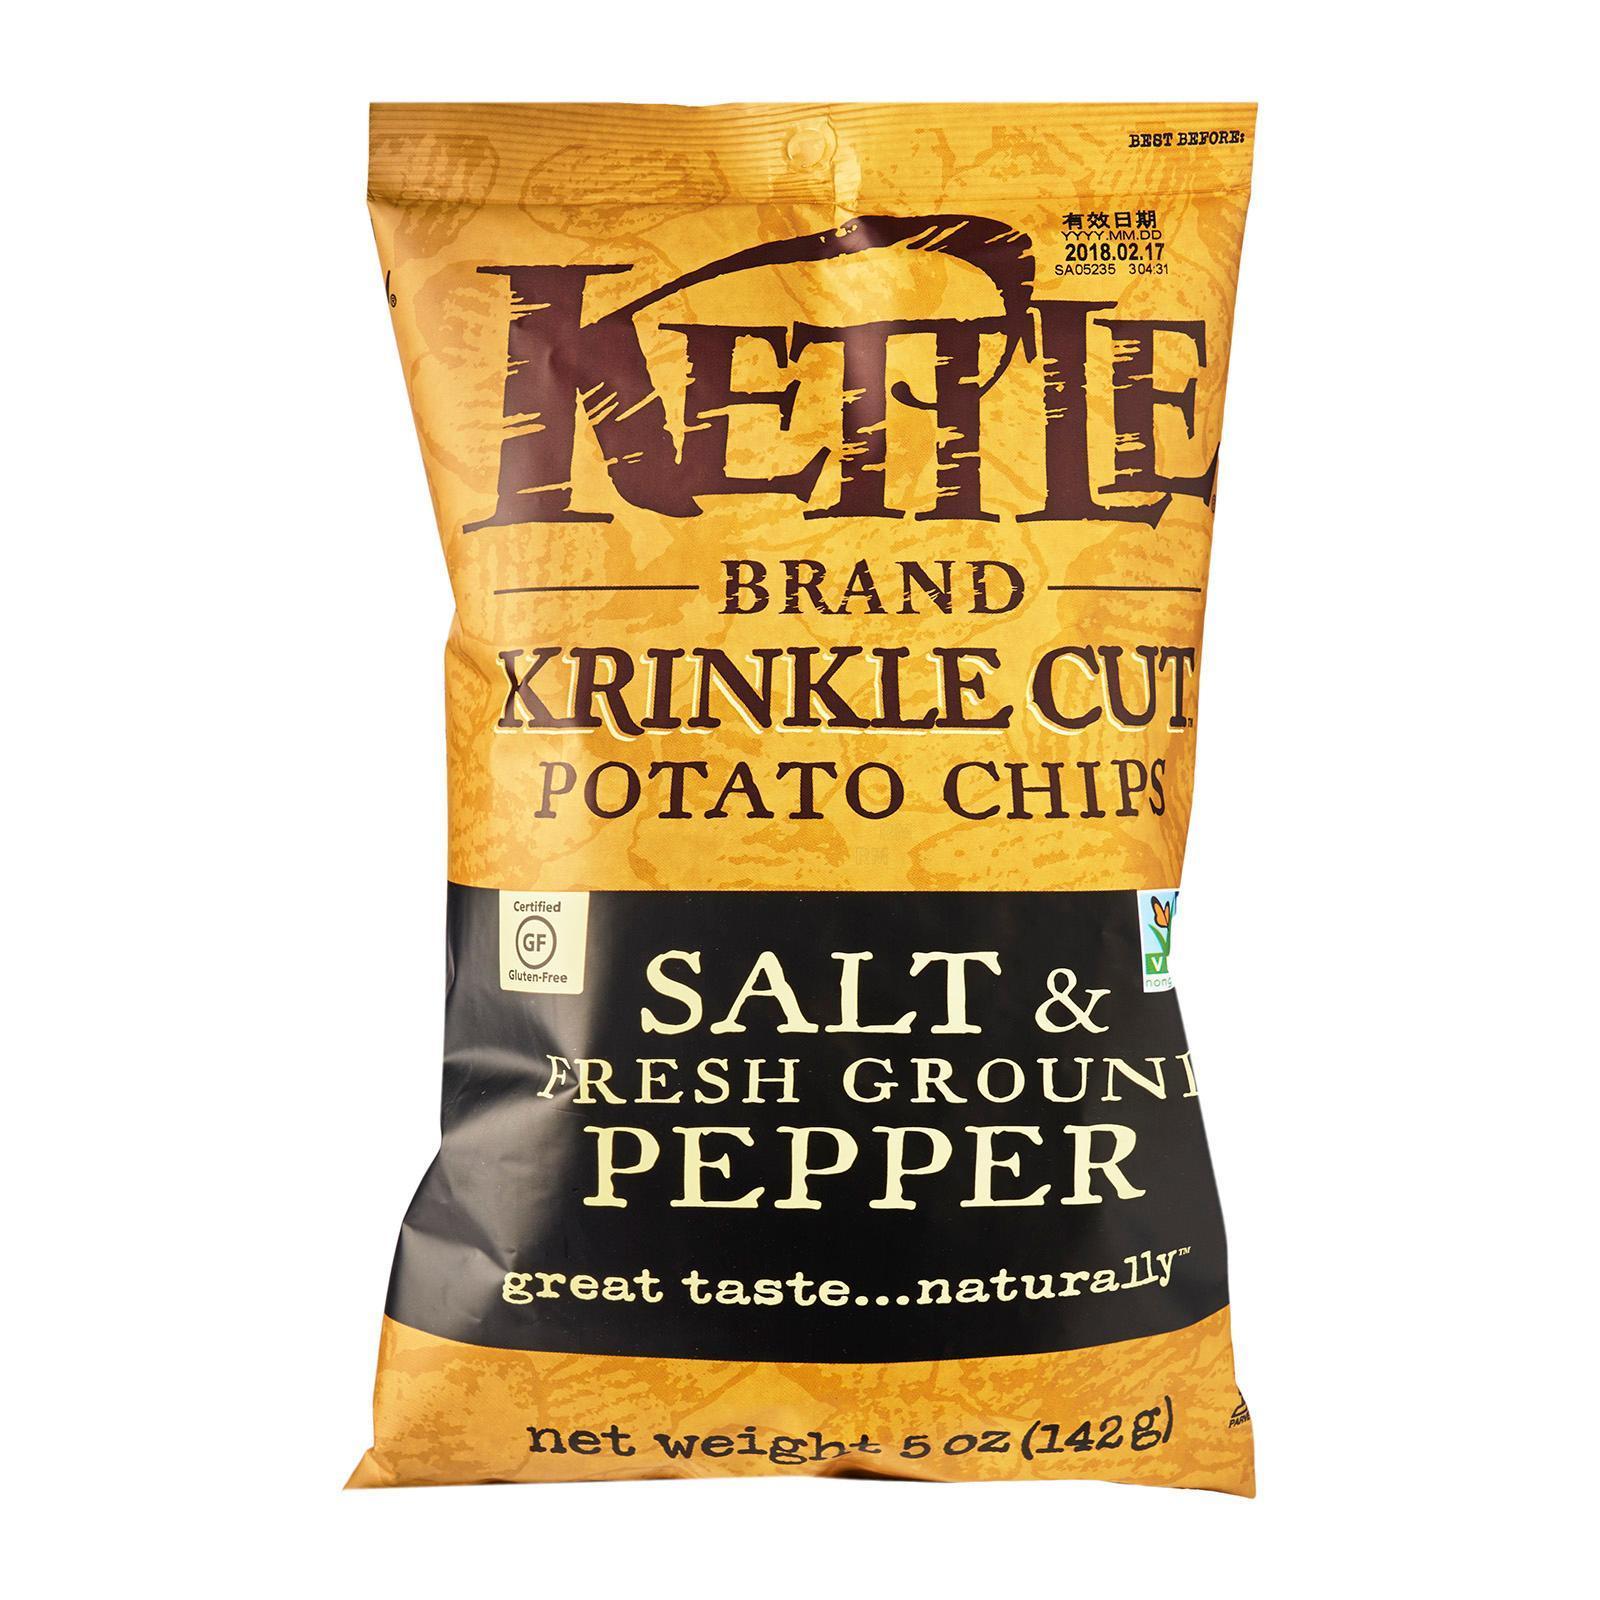 Kettle Krinkle Salt And Fresh Black Pepper Potato Chips